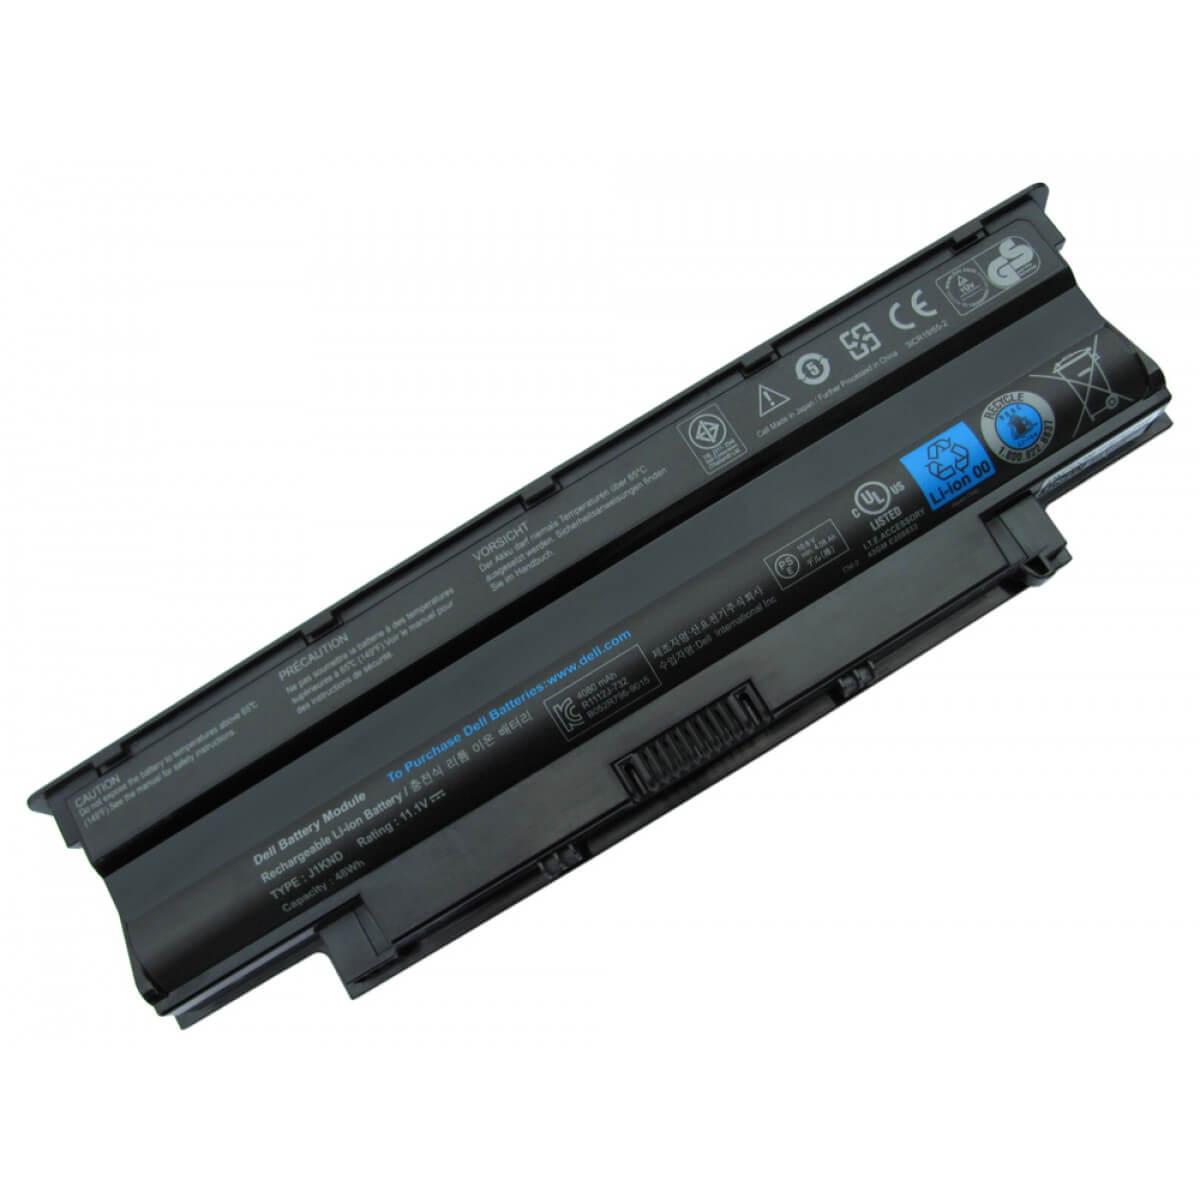 Pin Laptop Dell Inspiron N5010, N3010, N4010 - R14, N5040, 17R, N7010, N7110, N4050, N5050, M411R (OEM)